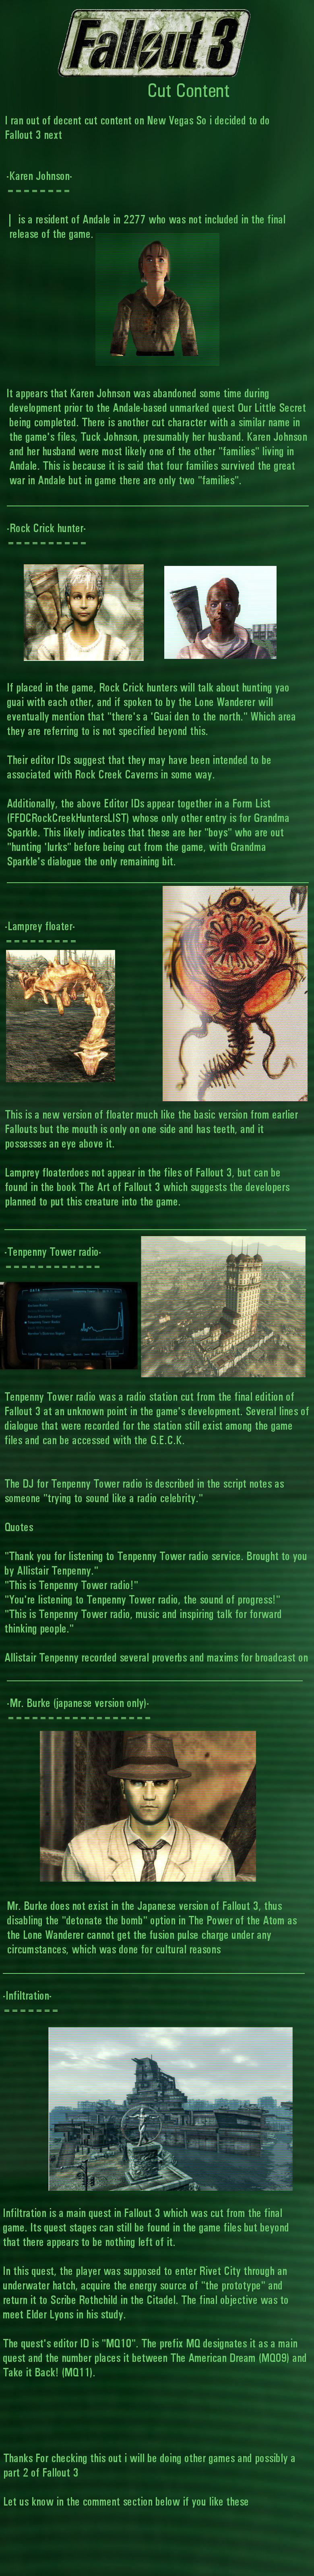 Fallout 3 Cut Content. Fallout 3 Cut Content NEW VEGAS CUT CONTENT BELOW PART 1: www.funnyjunk.com/channel/fallout/Fallout+New+Vegas+Cut+Content/olMBLby/ PART 2